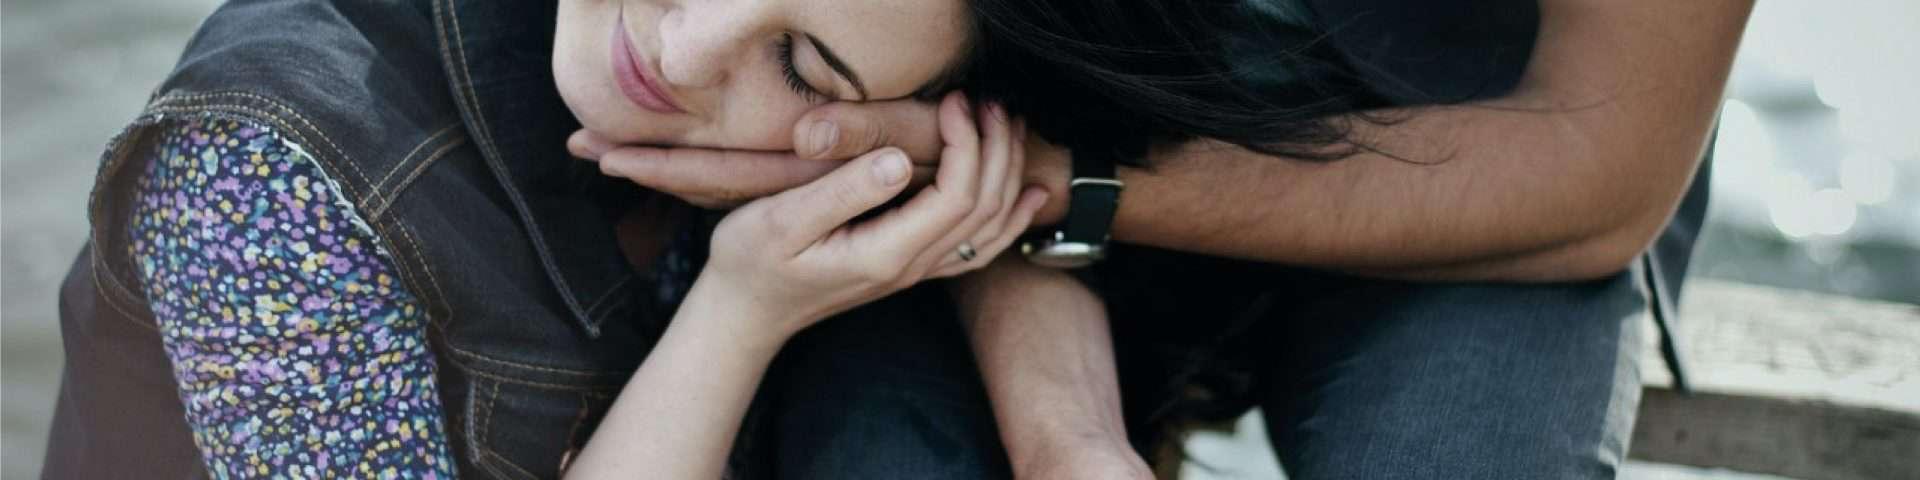 7 Arten, jemandem deine Liebe zu beweisen, indem du ihm tiefste Wertschätzung zeigst